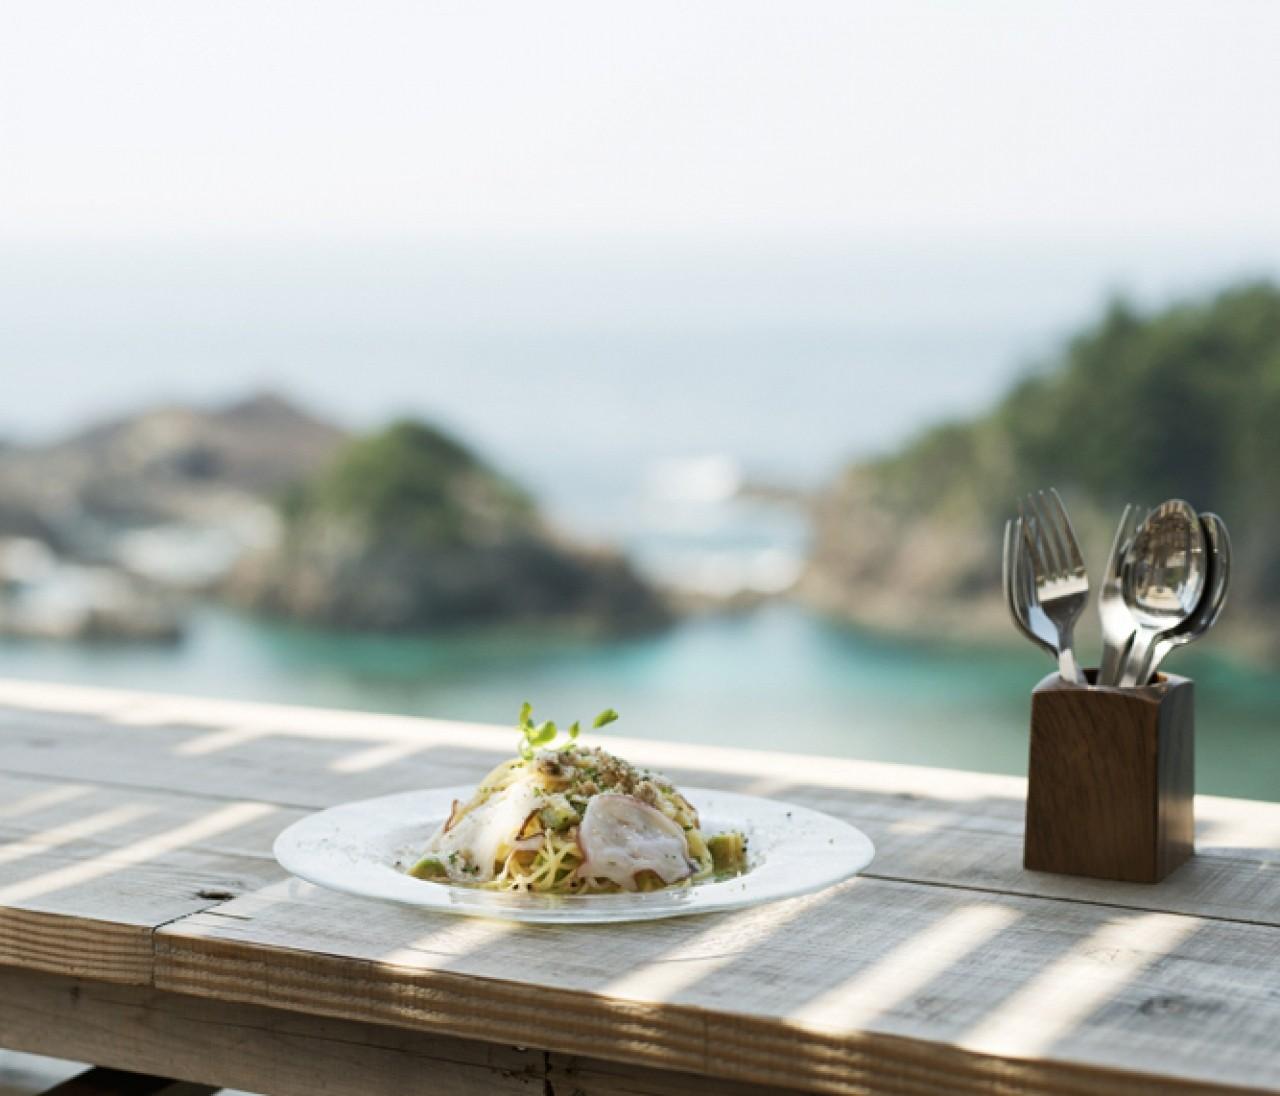 絶景×おしゃれな最強リゾートカフェ。夏のお出かけ和歌山編③【関西のイケスポ】